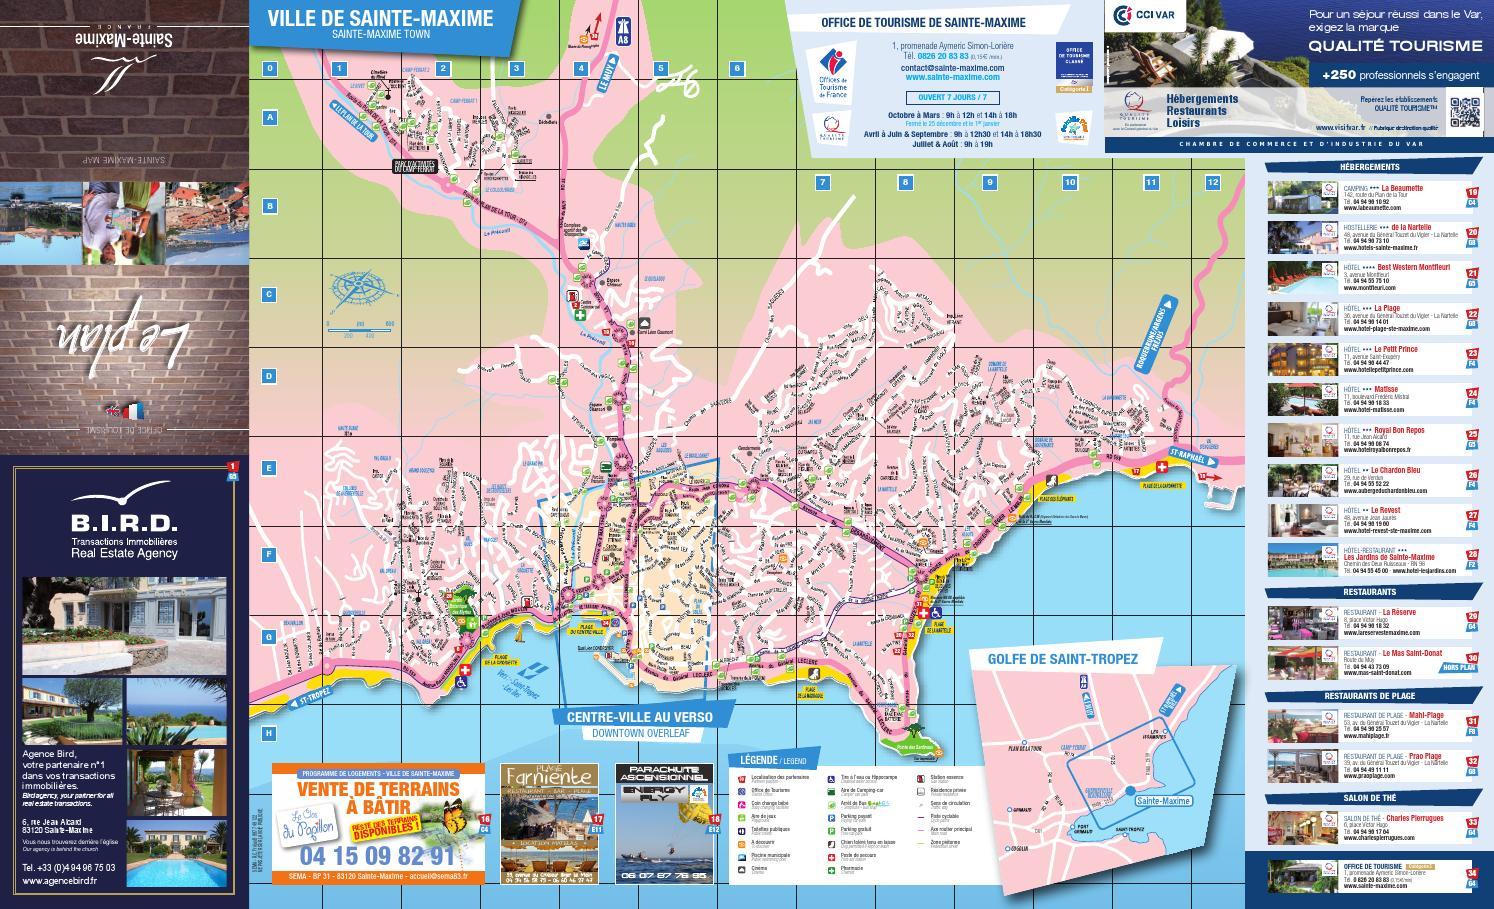 Plan de ville 2015 by office de tourisme de sainte maxime issuu - Office tourisme sainte maxime ...